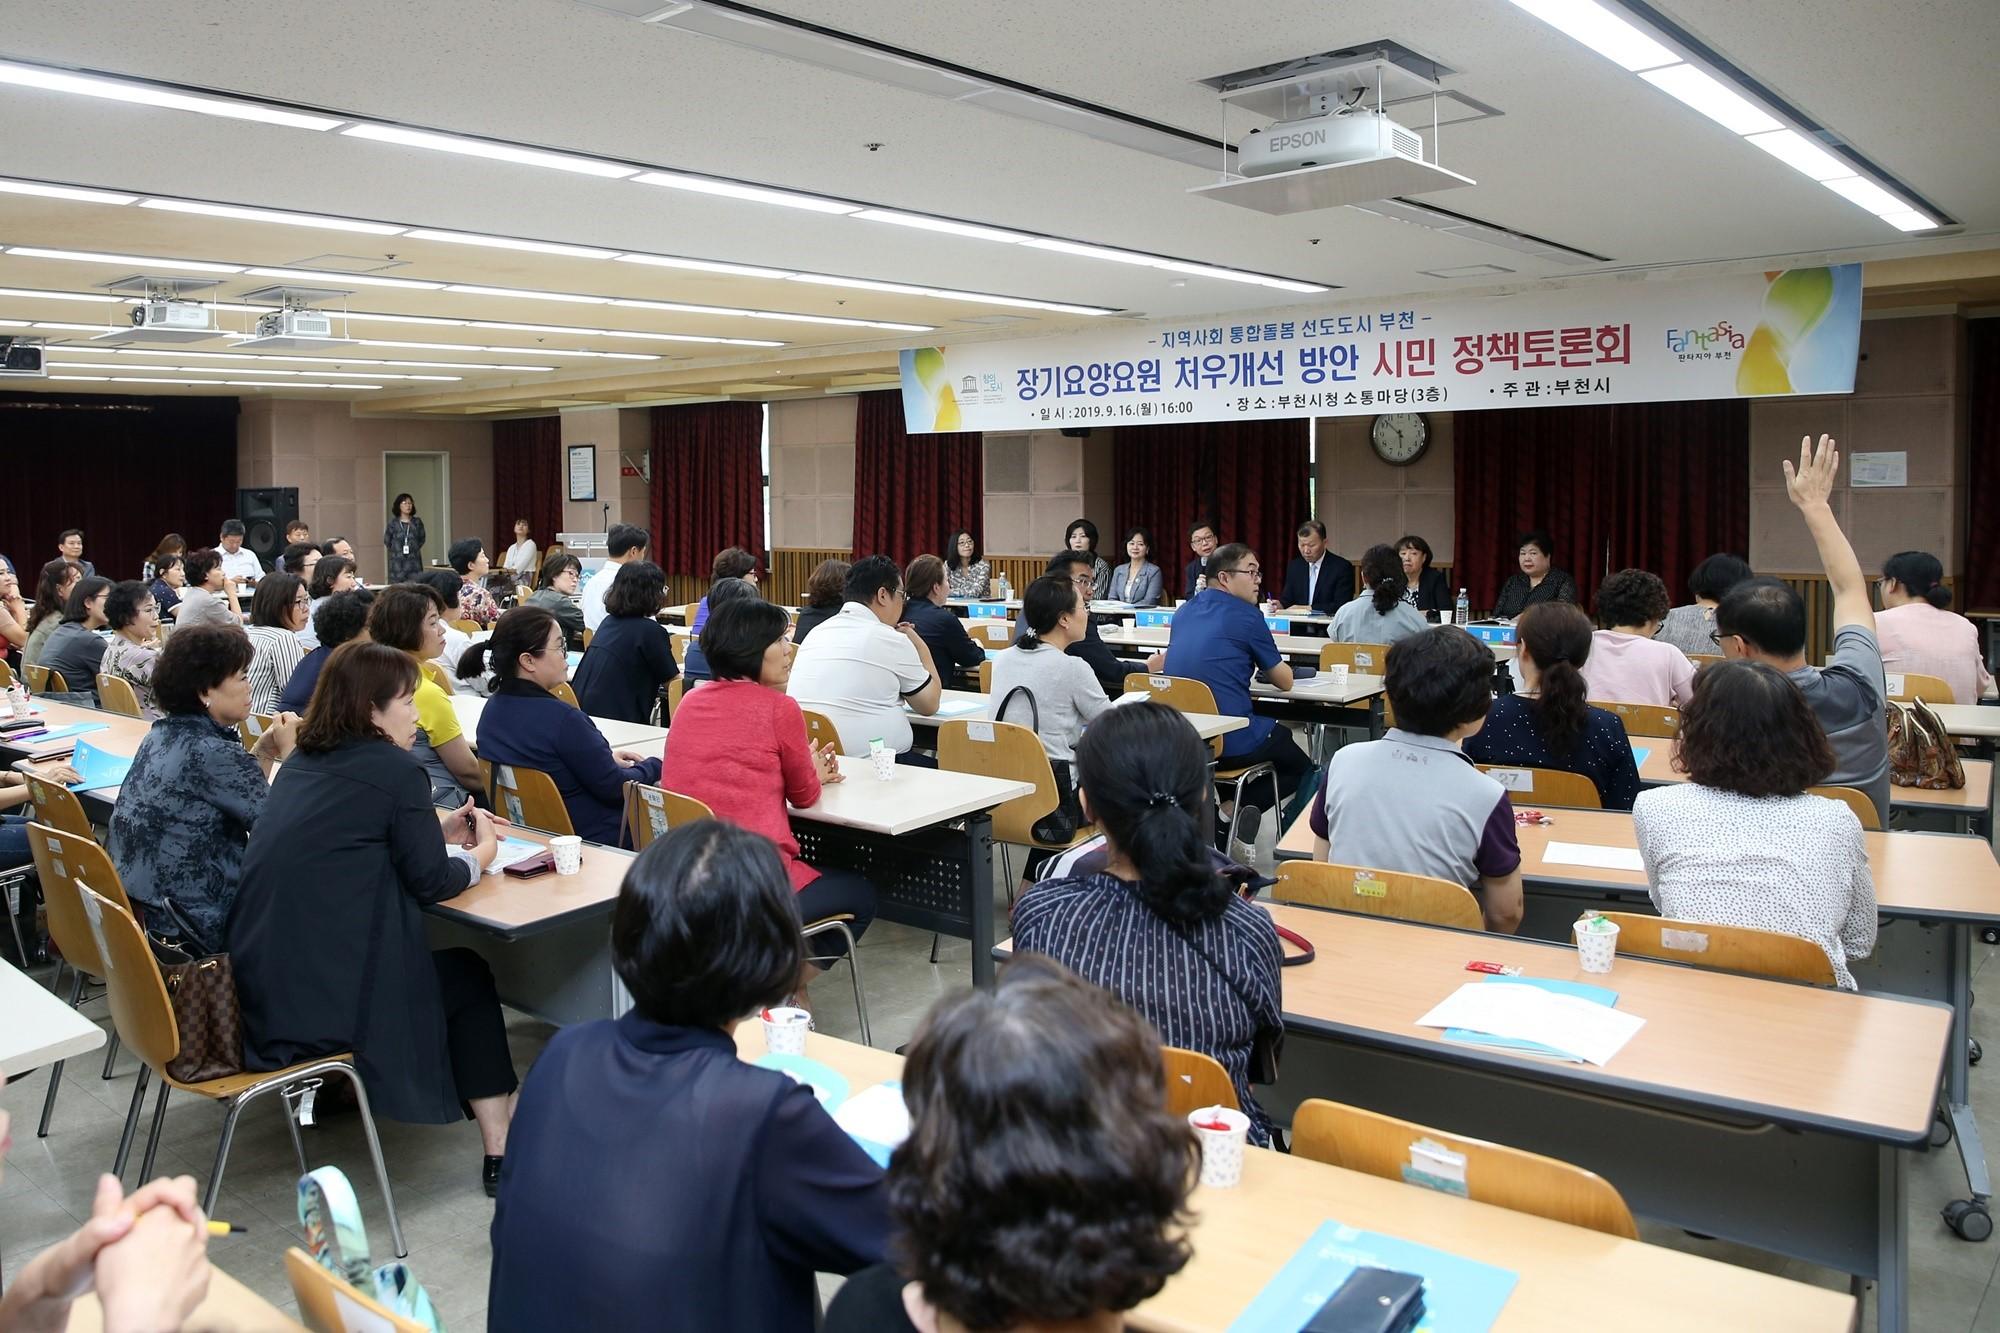 부천시장기요양요원지원센터 신규위탁법인 모집공고